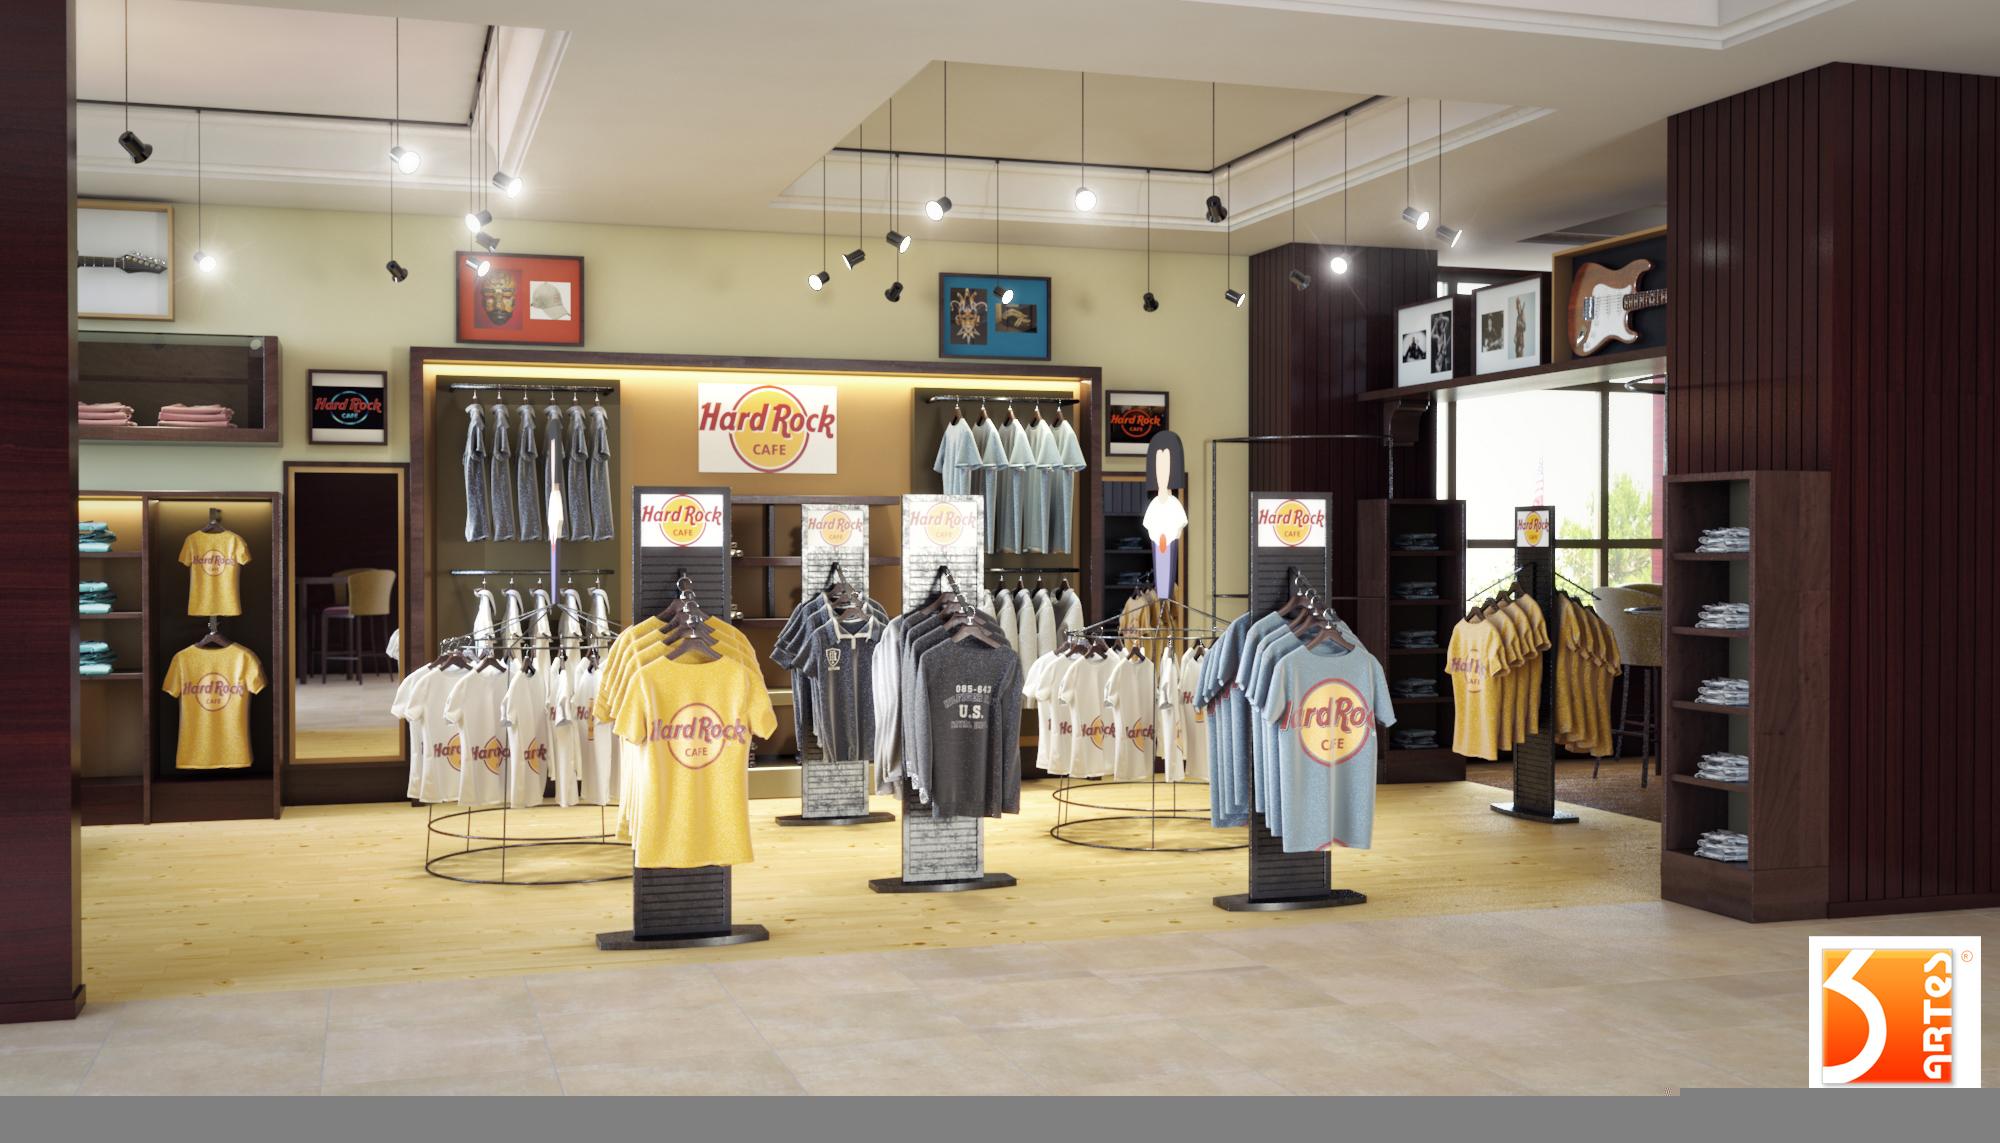 3D Hard Rock Madrid Shop